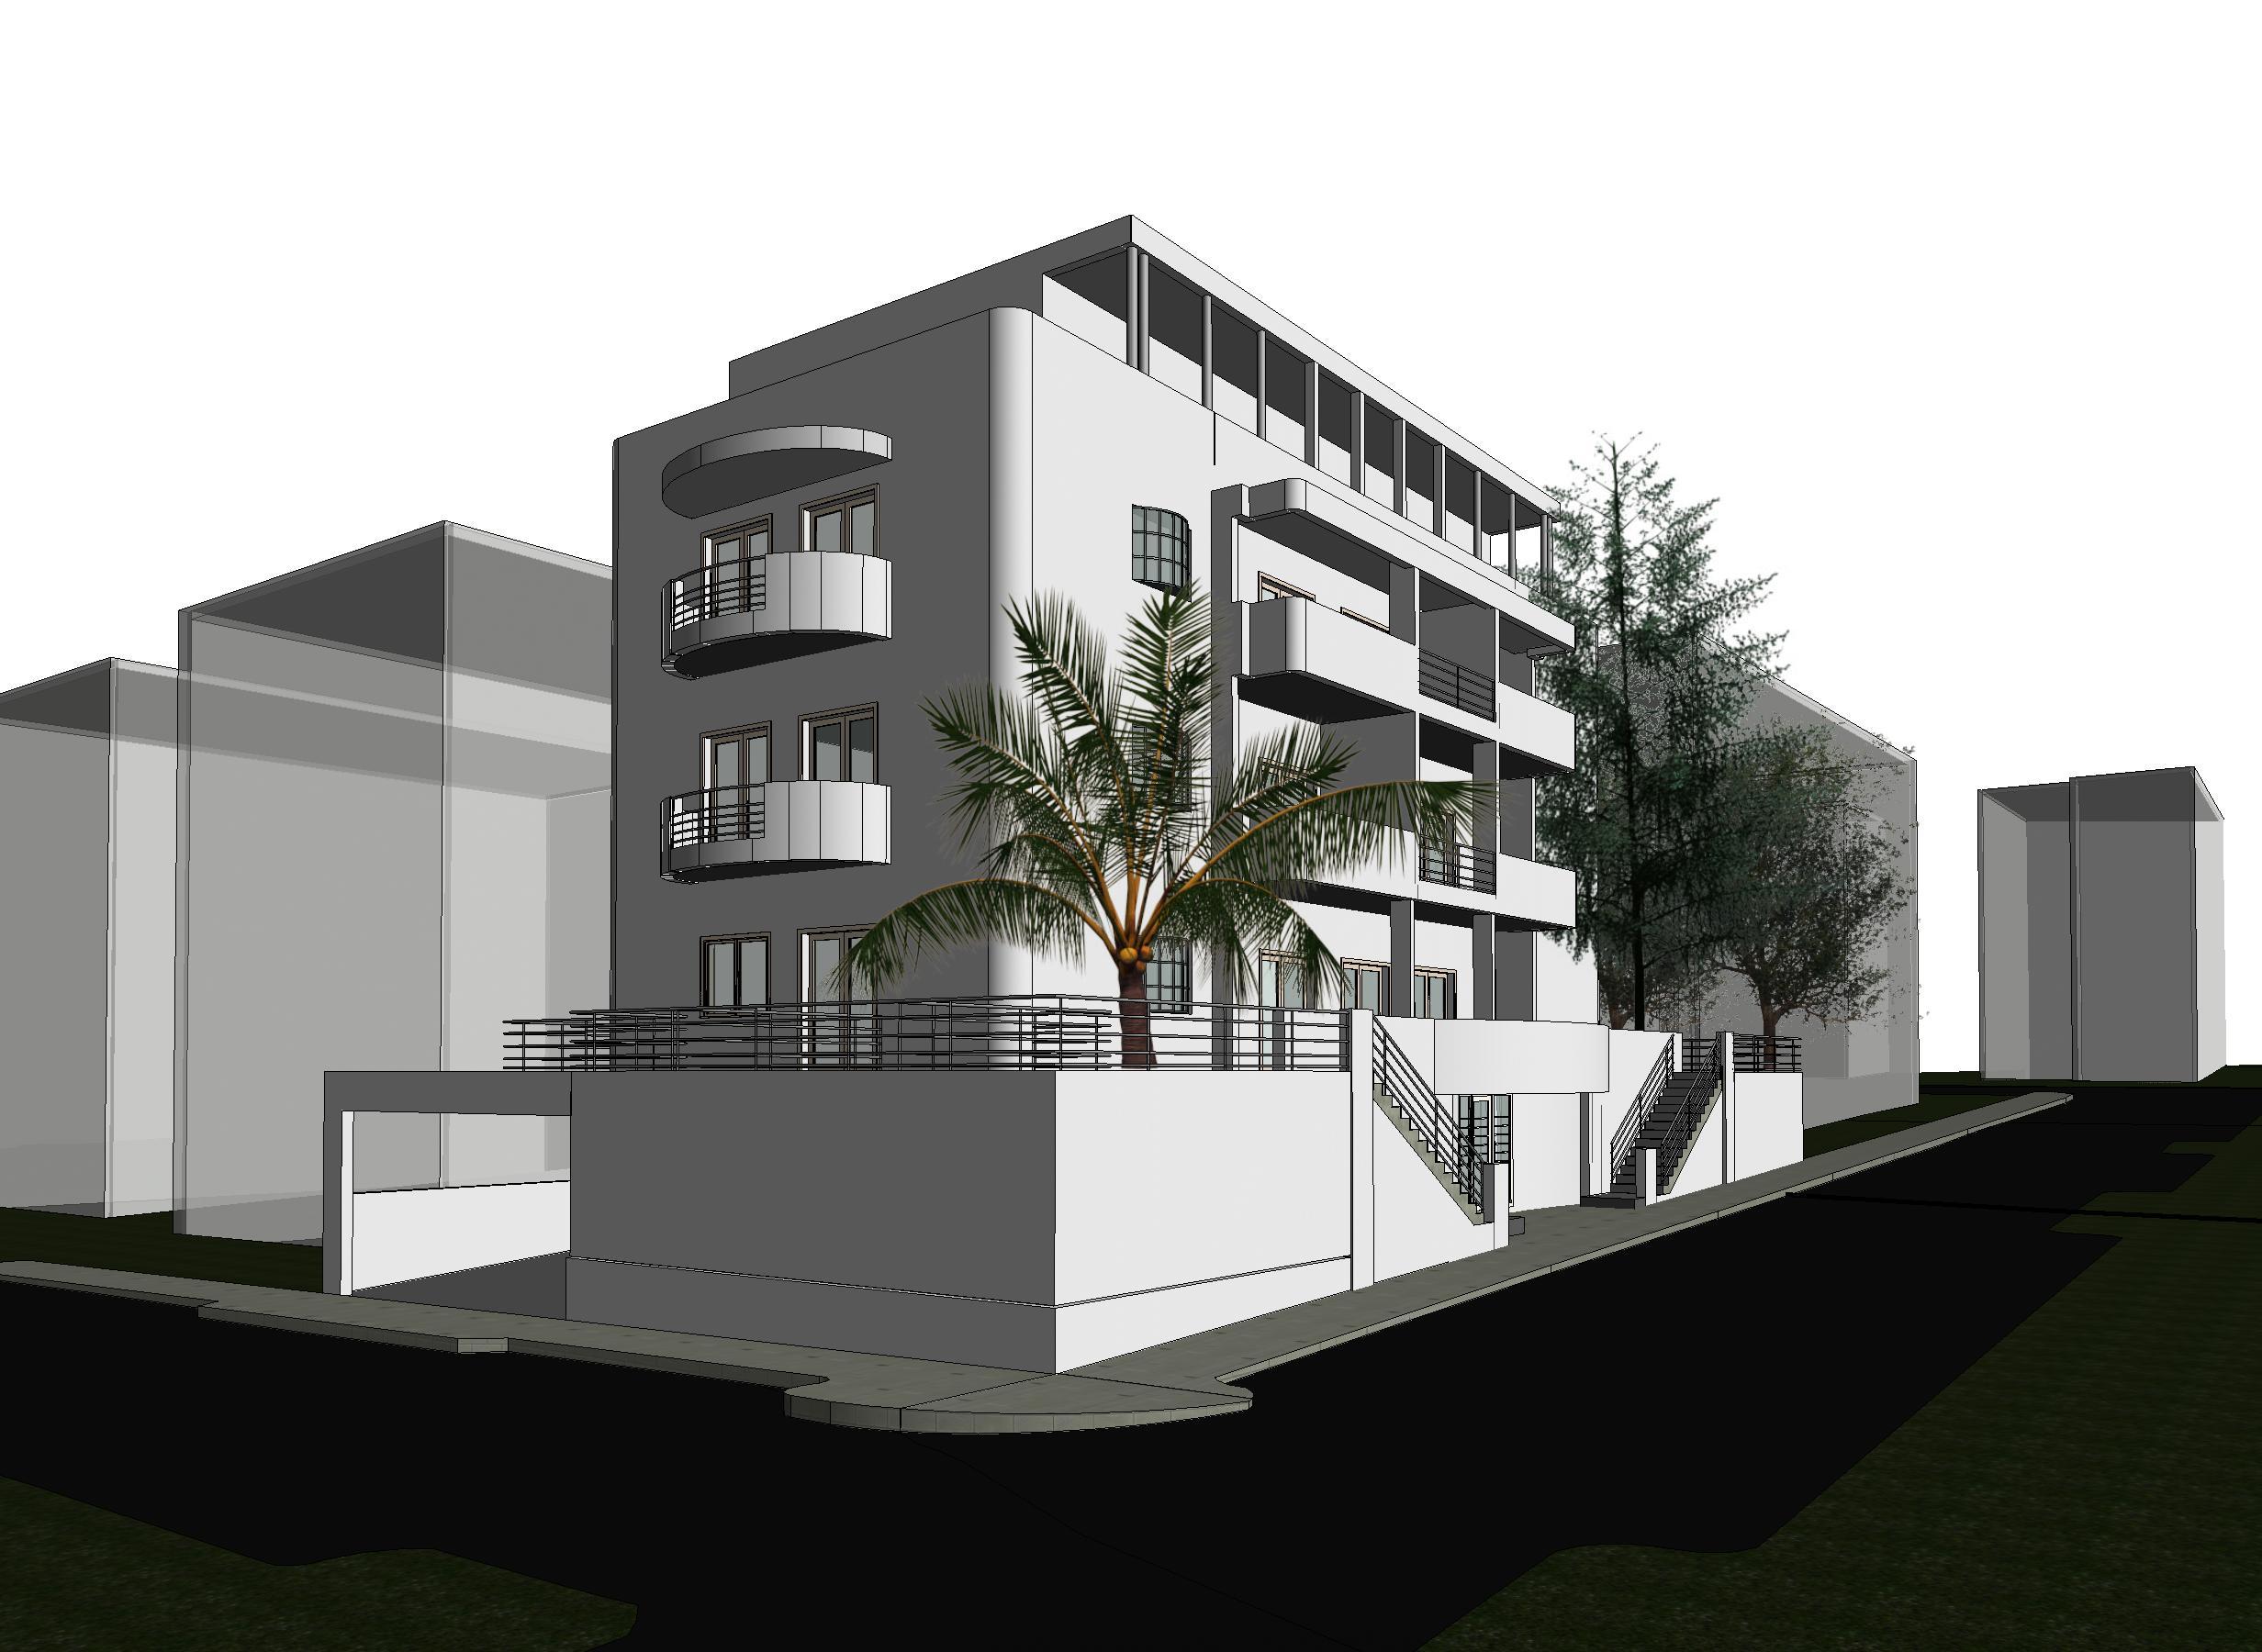 בית דונקלבלום | תל אביב